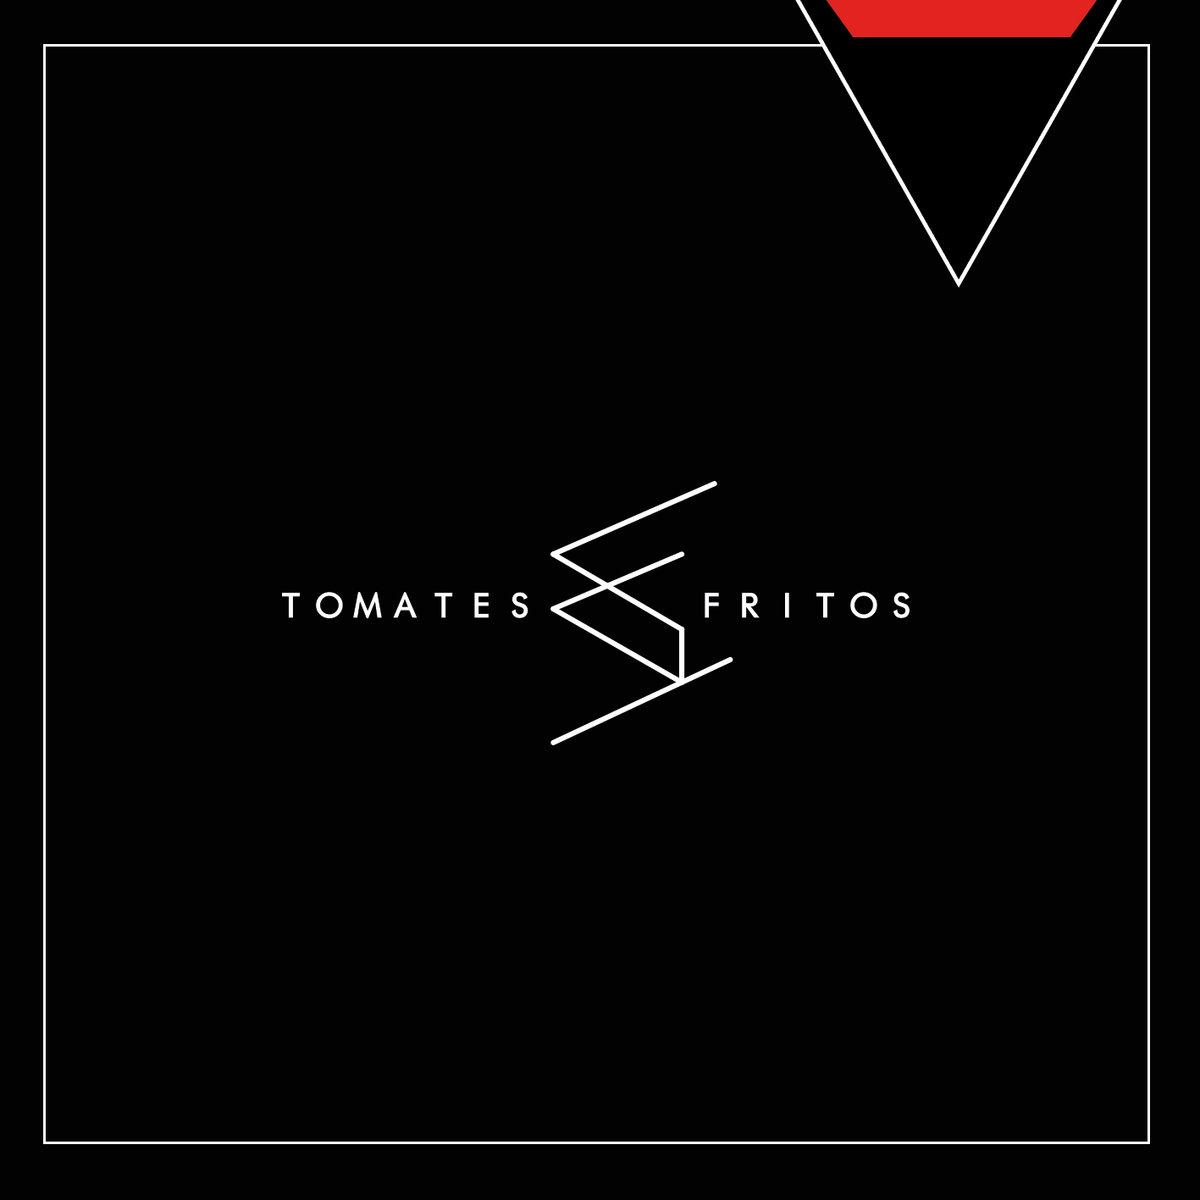 tomates-homonimo-cusica-plus